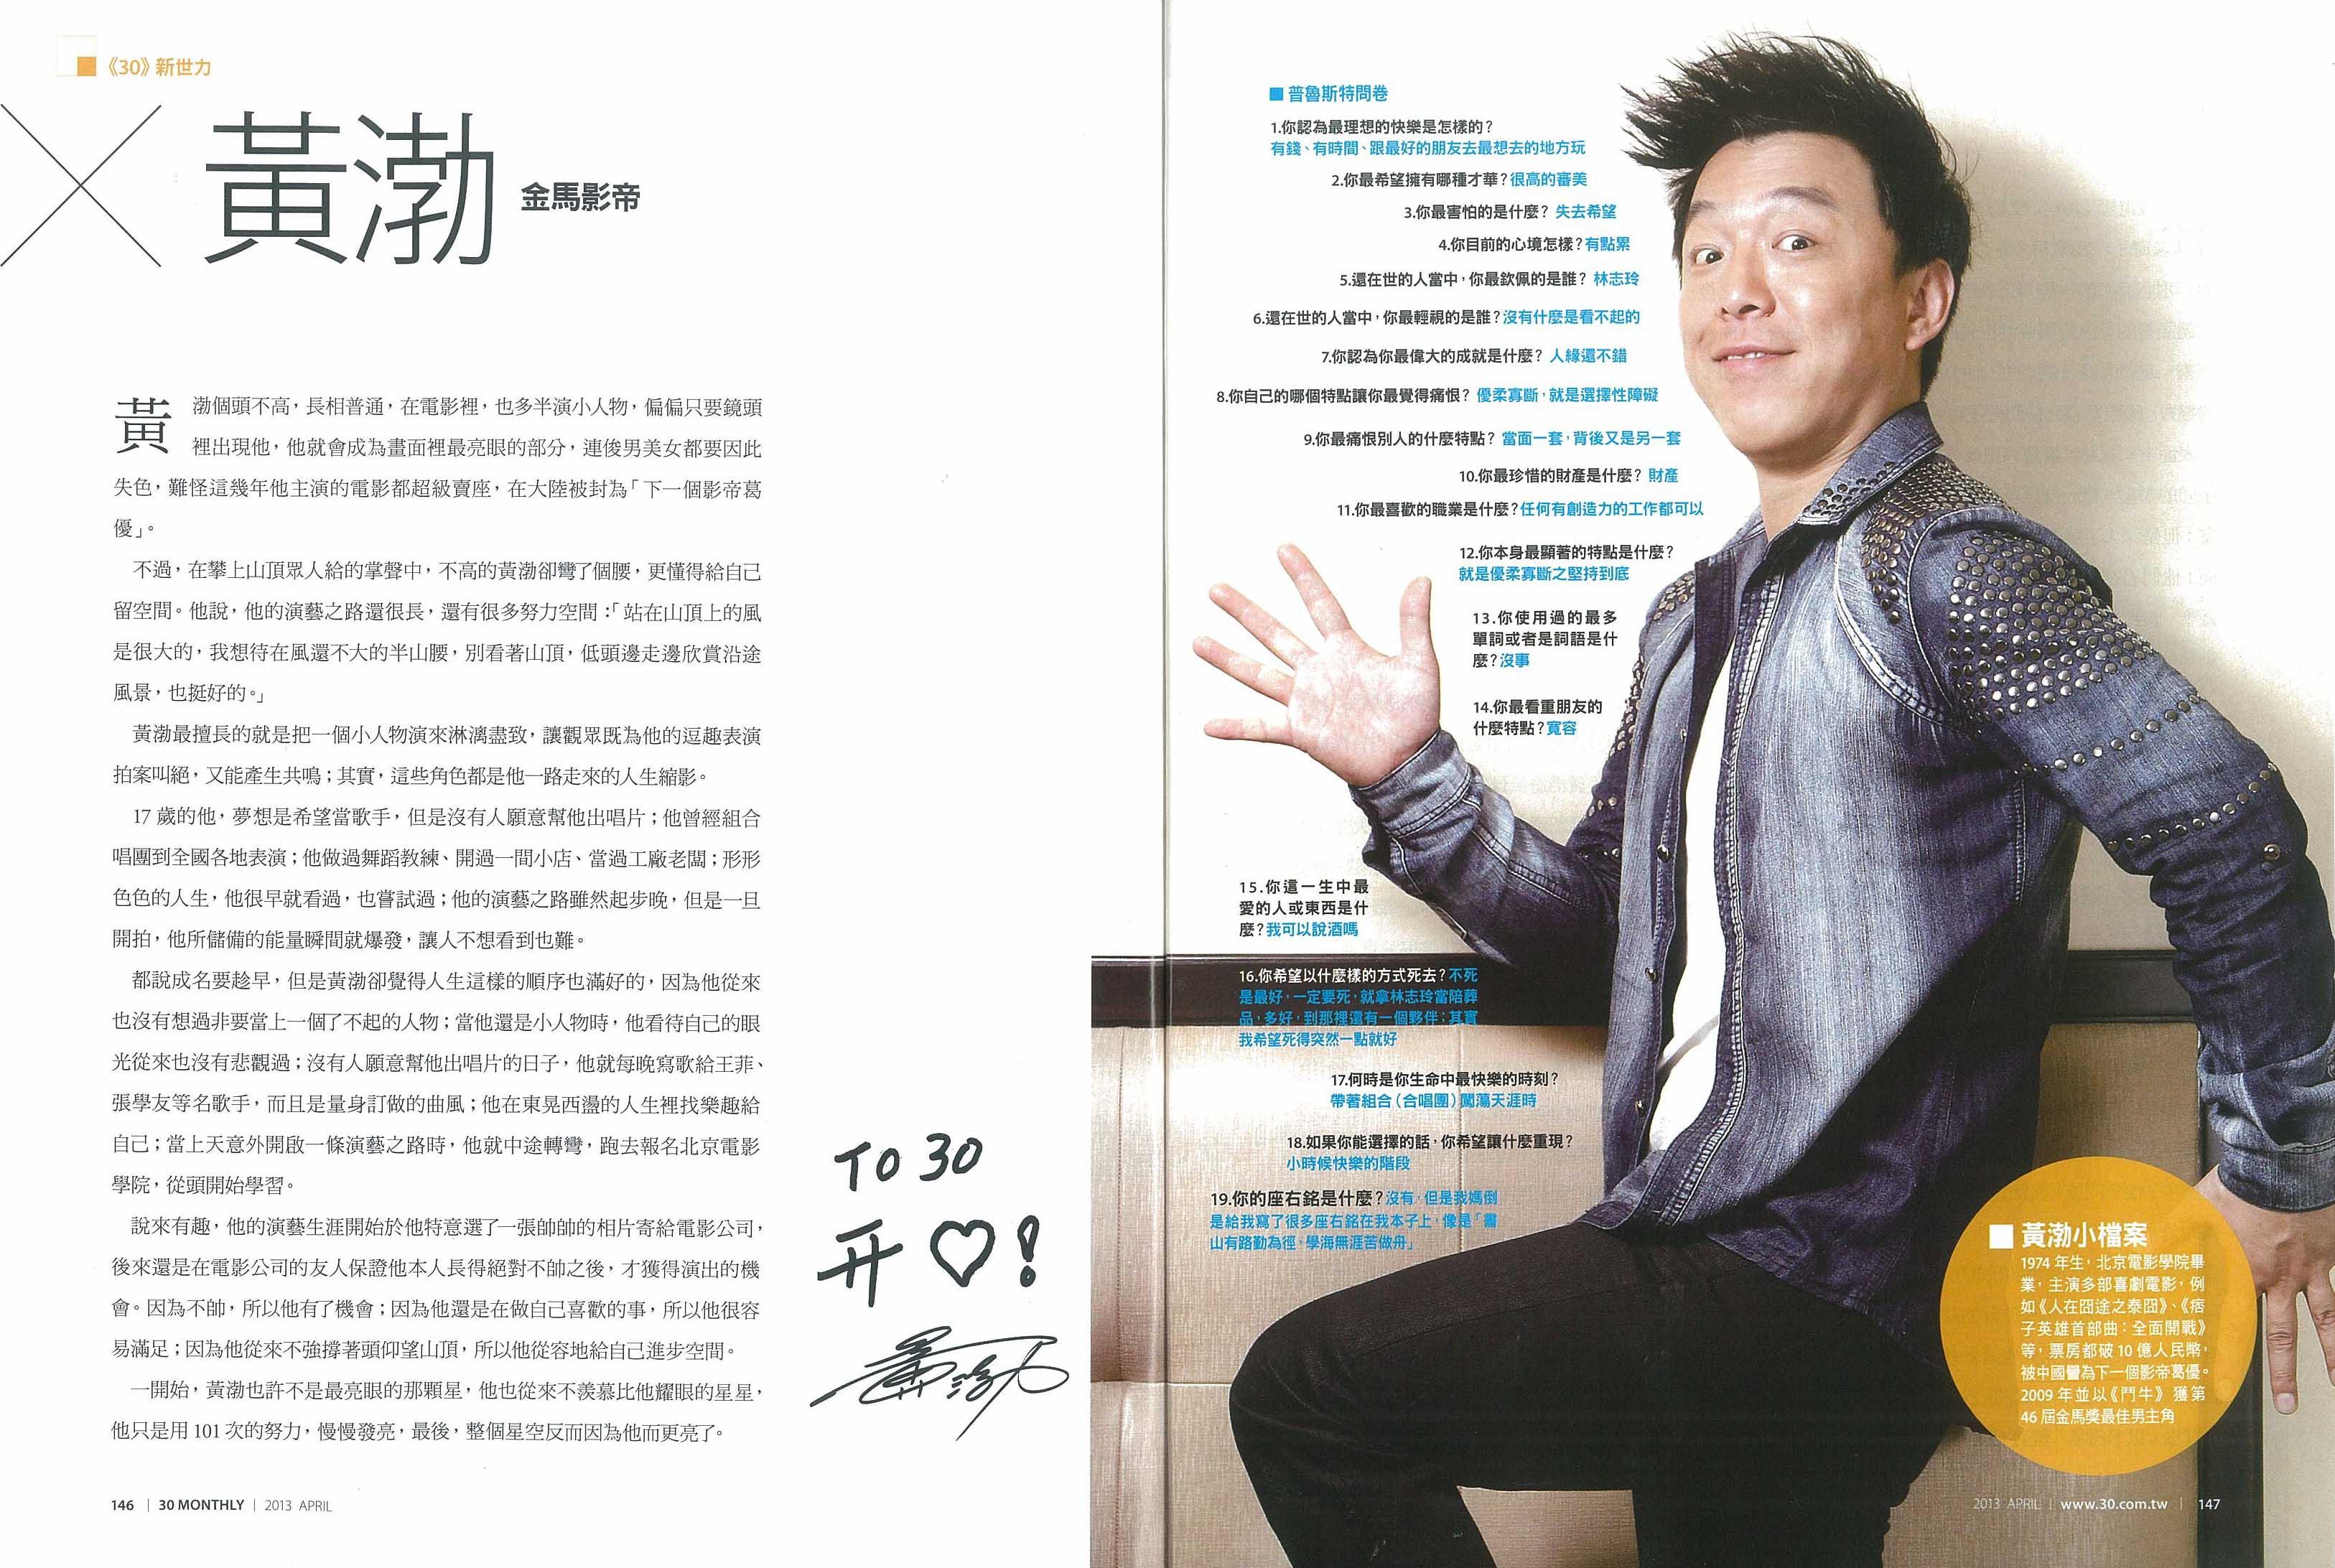 MG露出_2013.04.01_《101次求婚》_30雜誌_專訪黃渤、林志玲_3-4